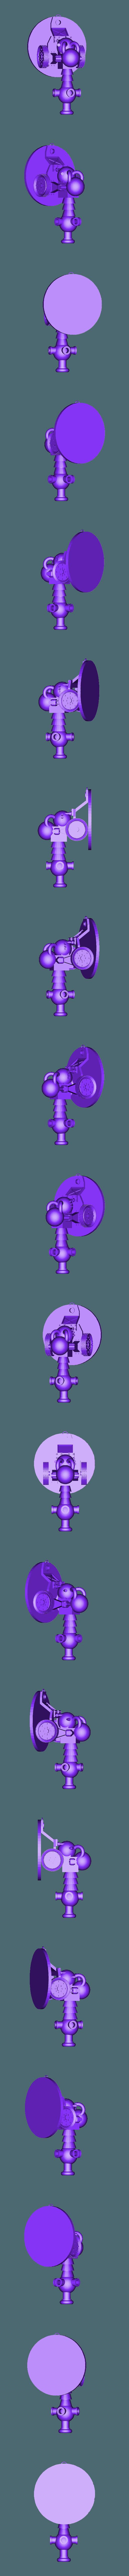 based_bubble_chucker_complete.stl Télécharger fichier STL gratuit Orque / Ork Bubble Chucker bizzar arme de science-fiction 28mm sci-fi • Plan imprimable en 3D, redstarkits